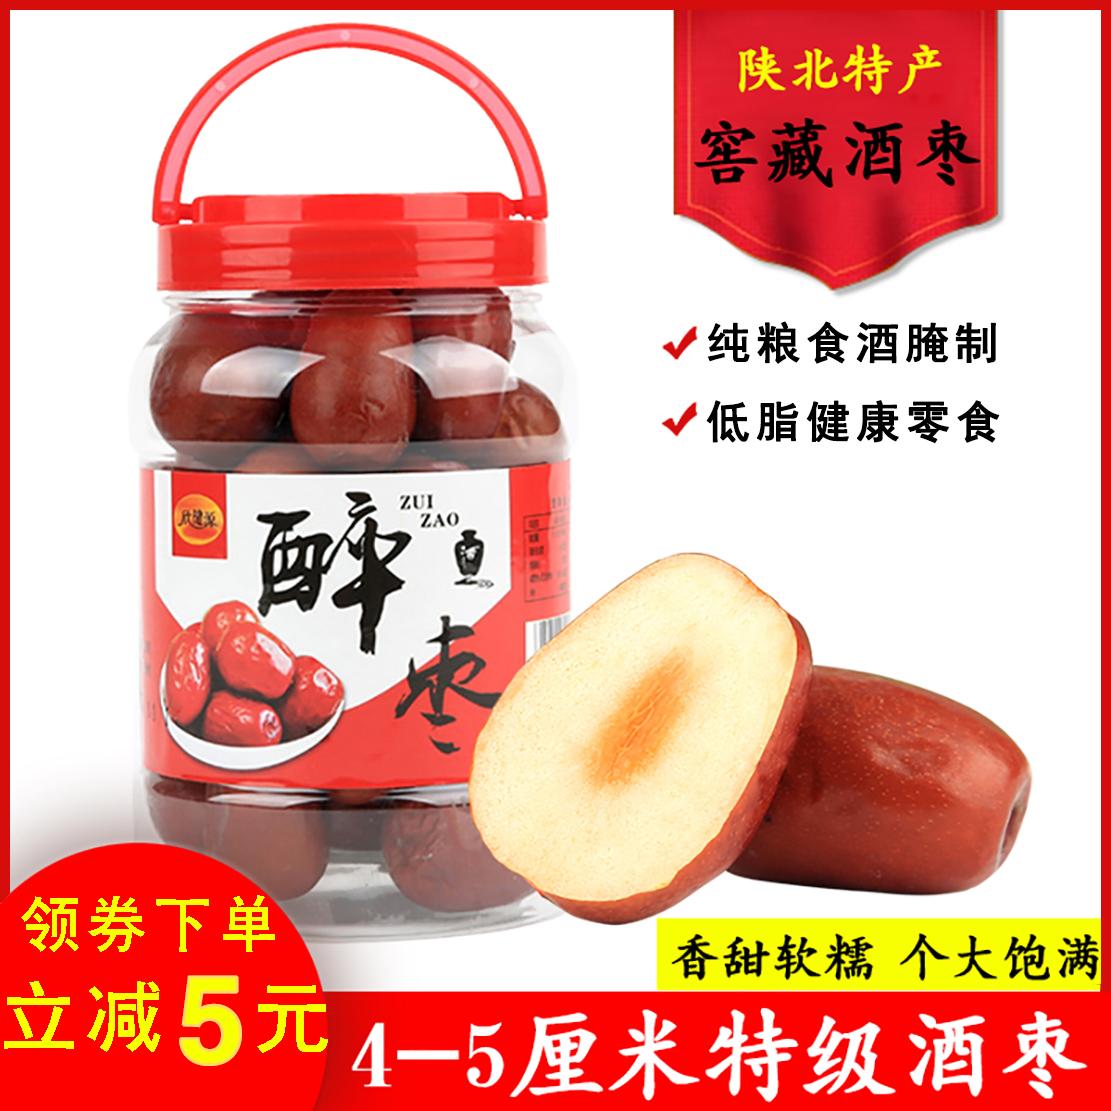 特级醉枣酒枣新鲜大枣腌制红枣狗头枣脆枣陕北特产罐装500g包邮